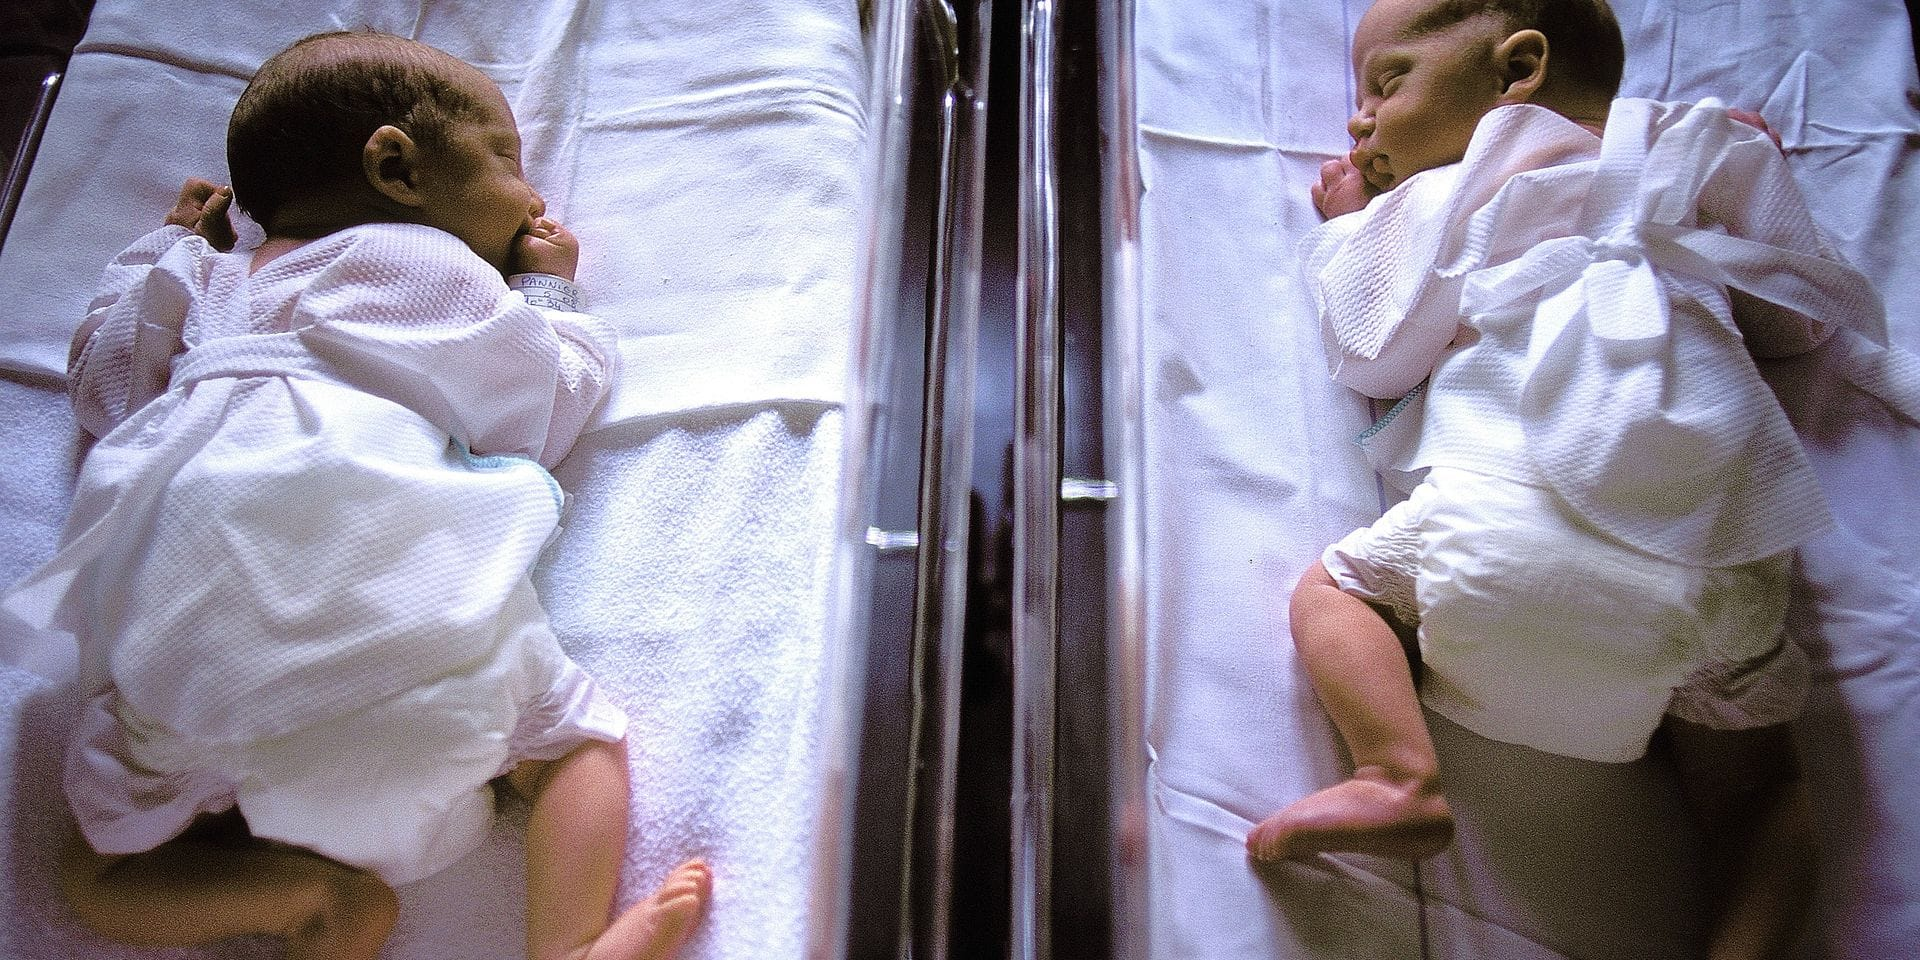 2 nouveaux-nés jumeaux (6 heures) dormant à plat ventre dans 2 petits lits